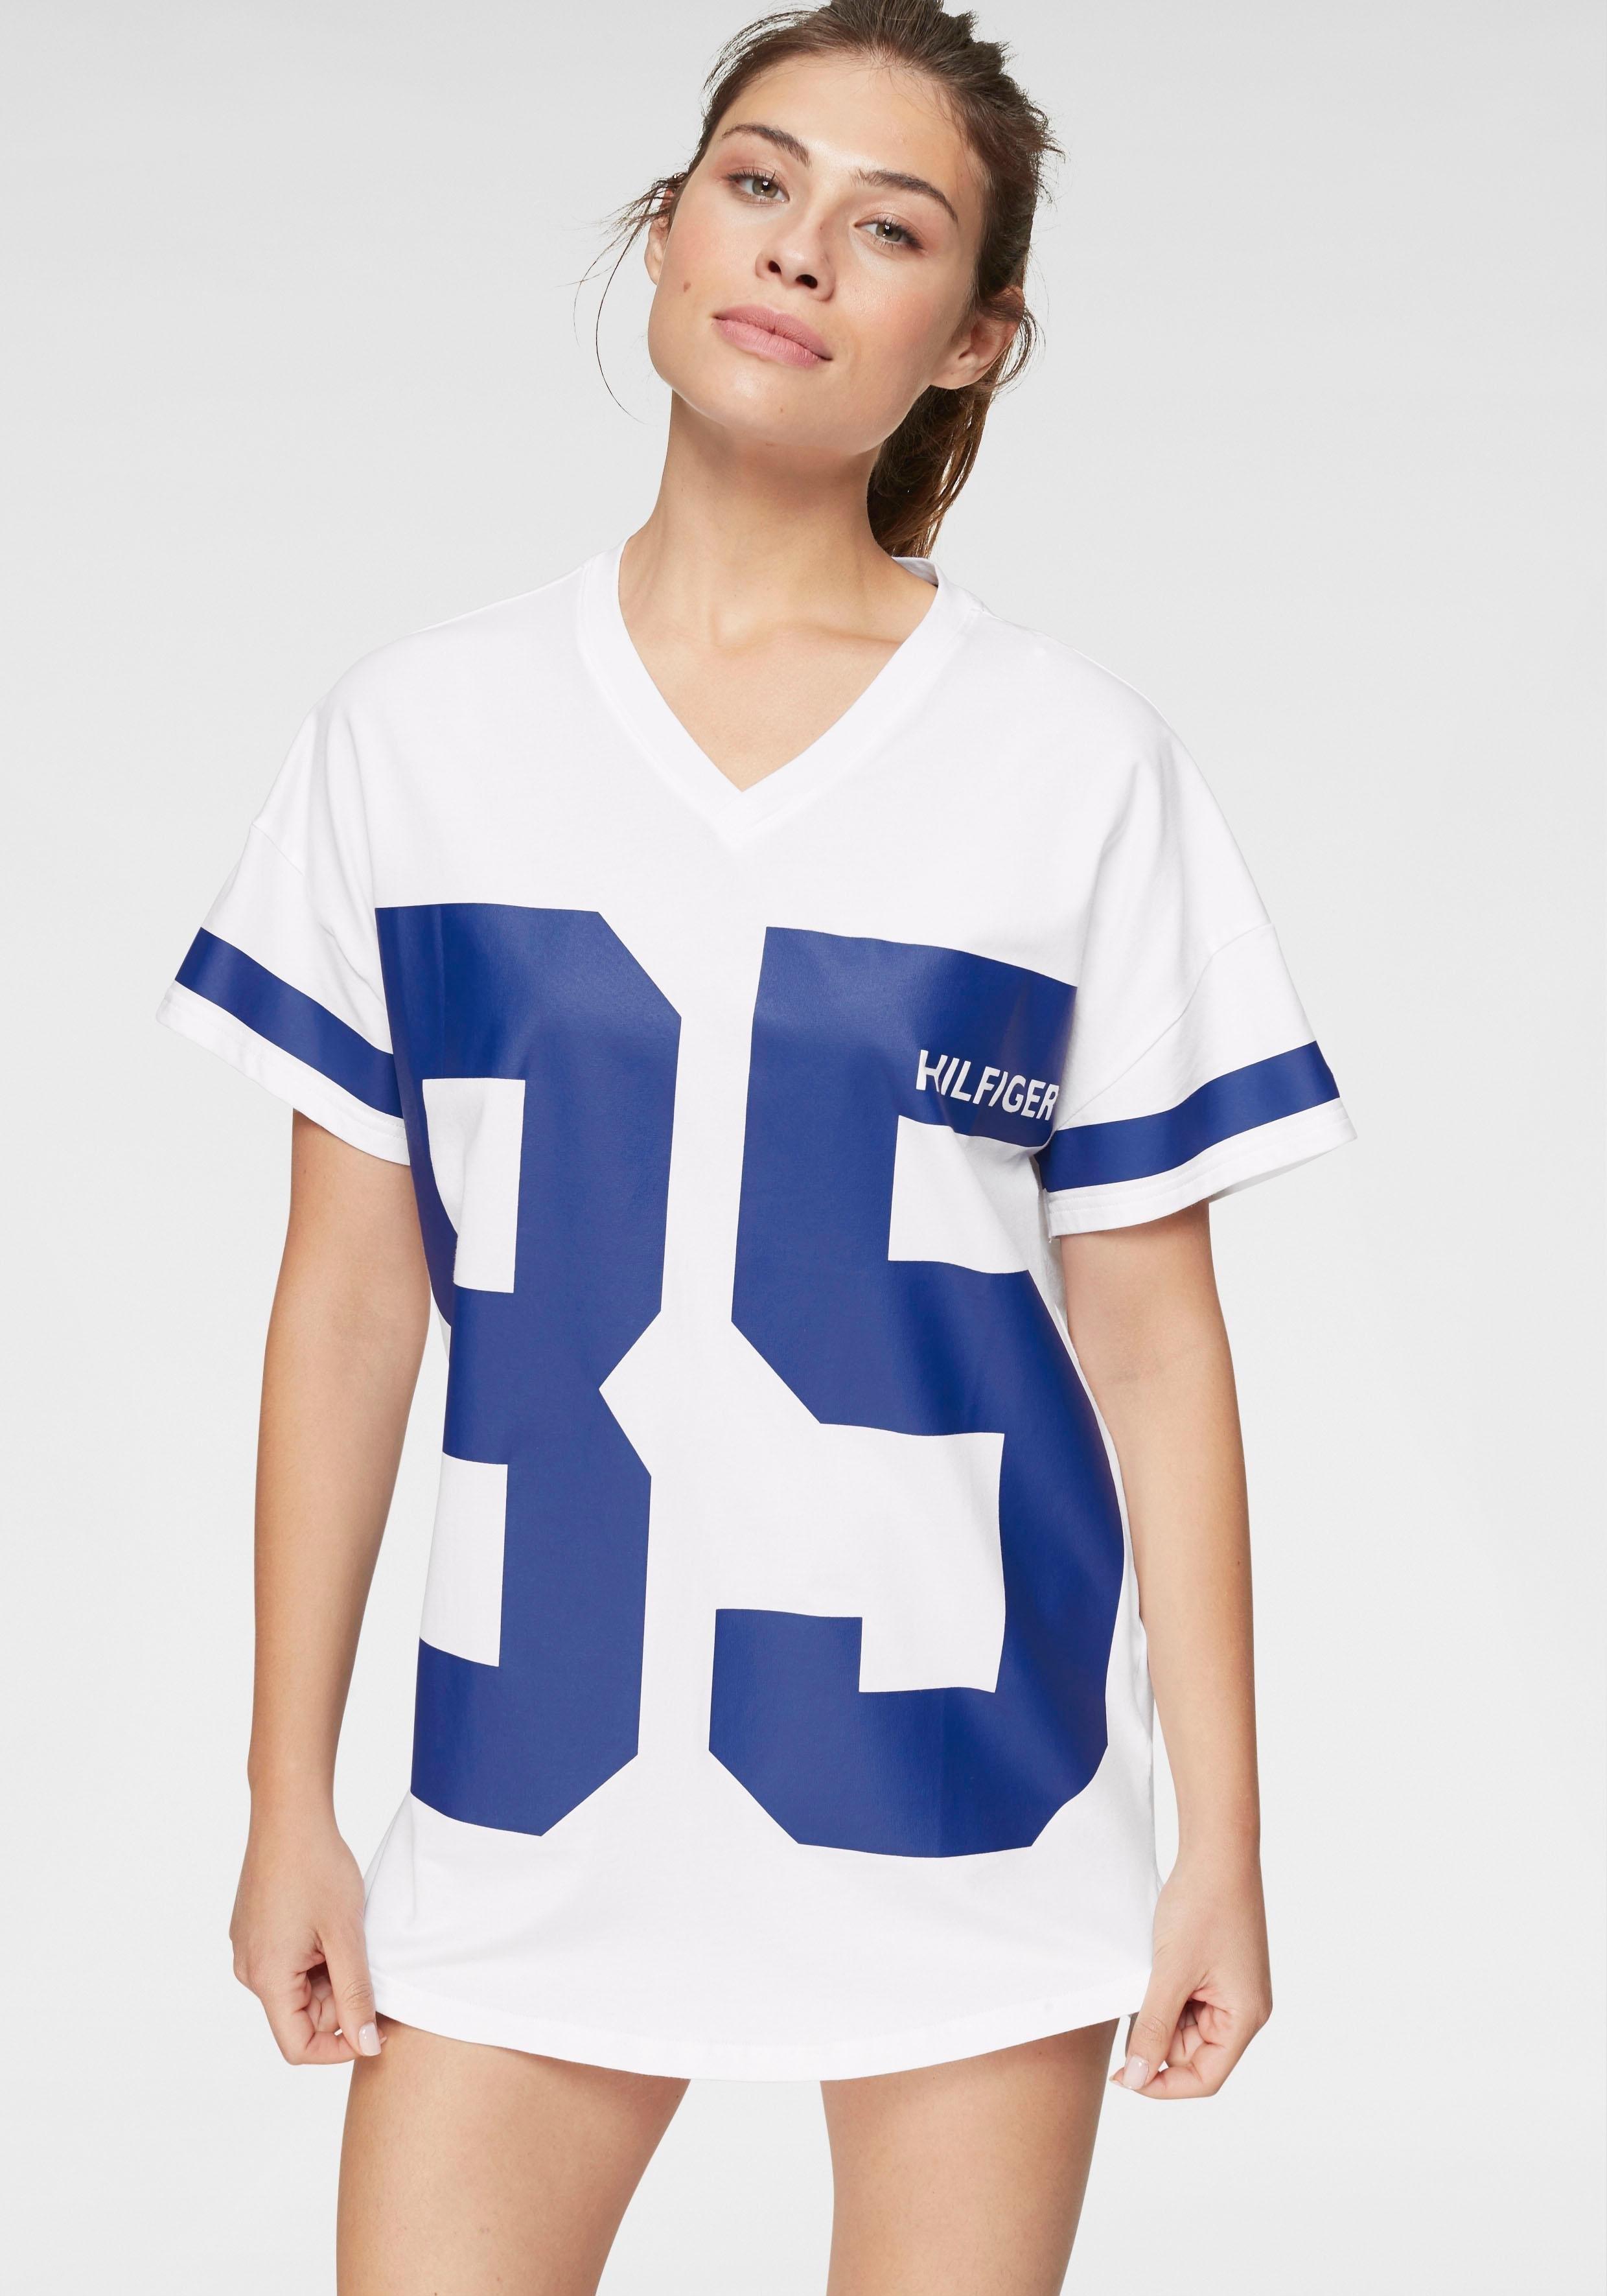 Tommy Hilfiger nachthemd voordelig en veilig online kopen